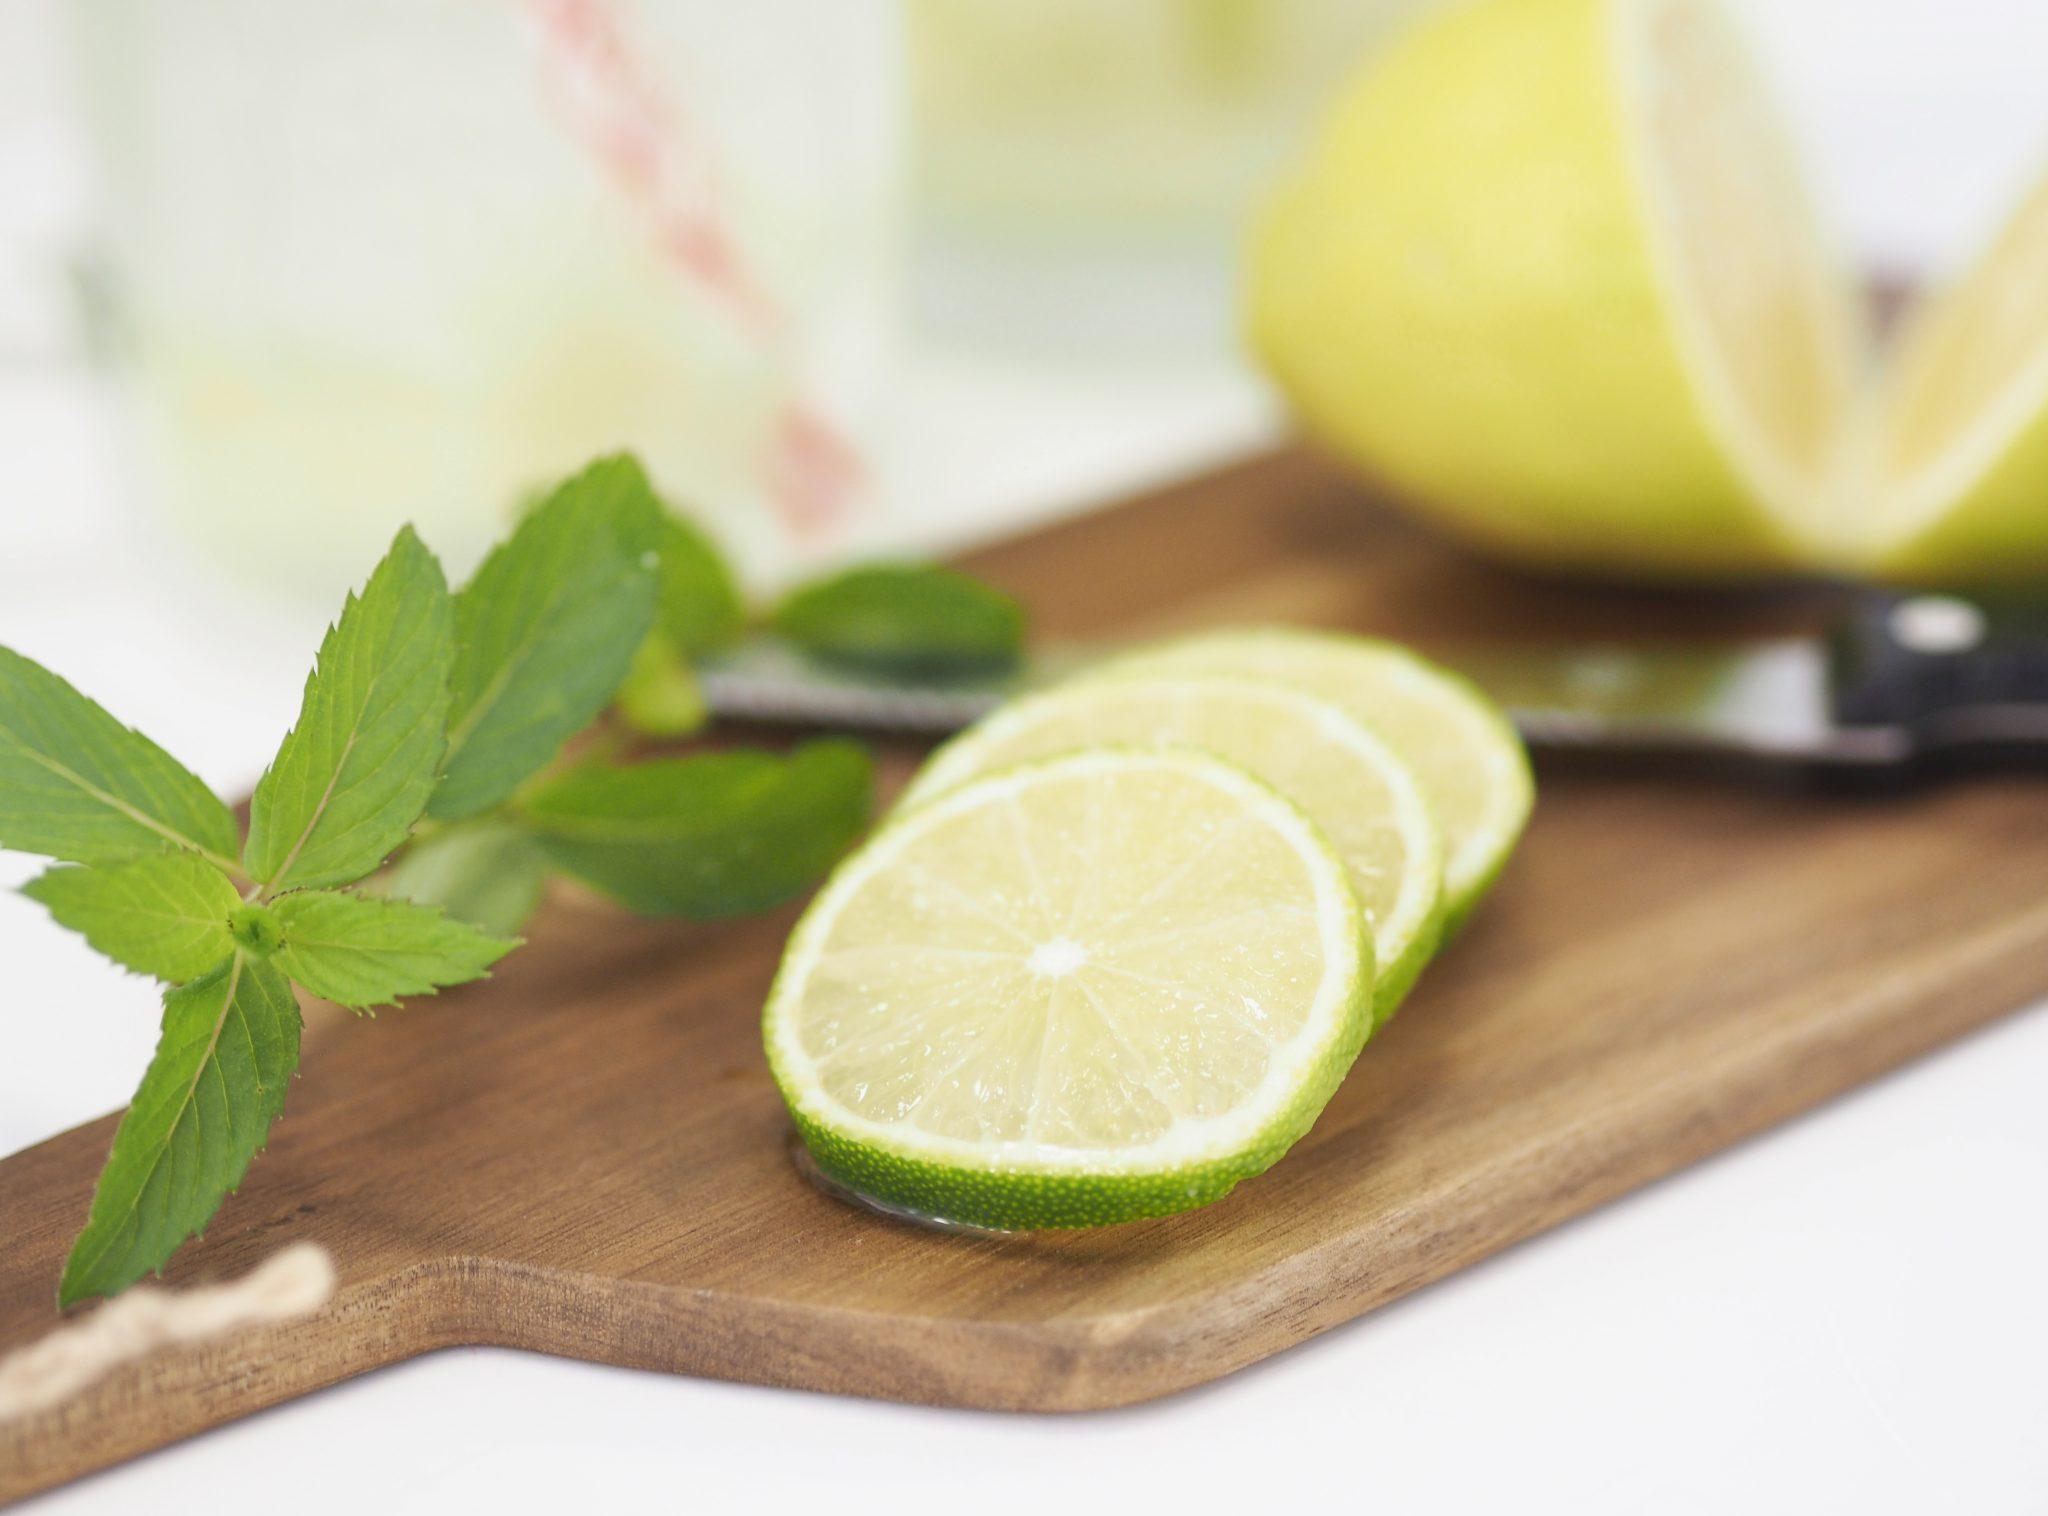 P6280189bearb - Erfrischendes Sommerrezept: Melonenbowle mit Zitrone